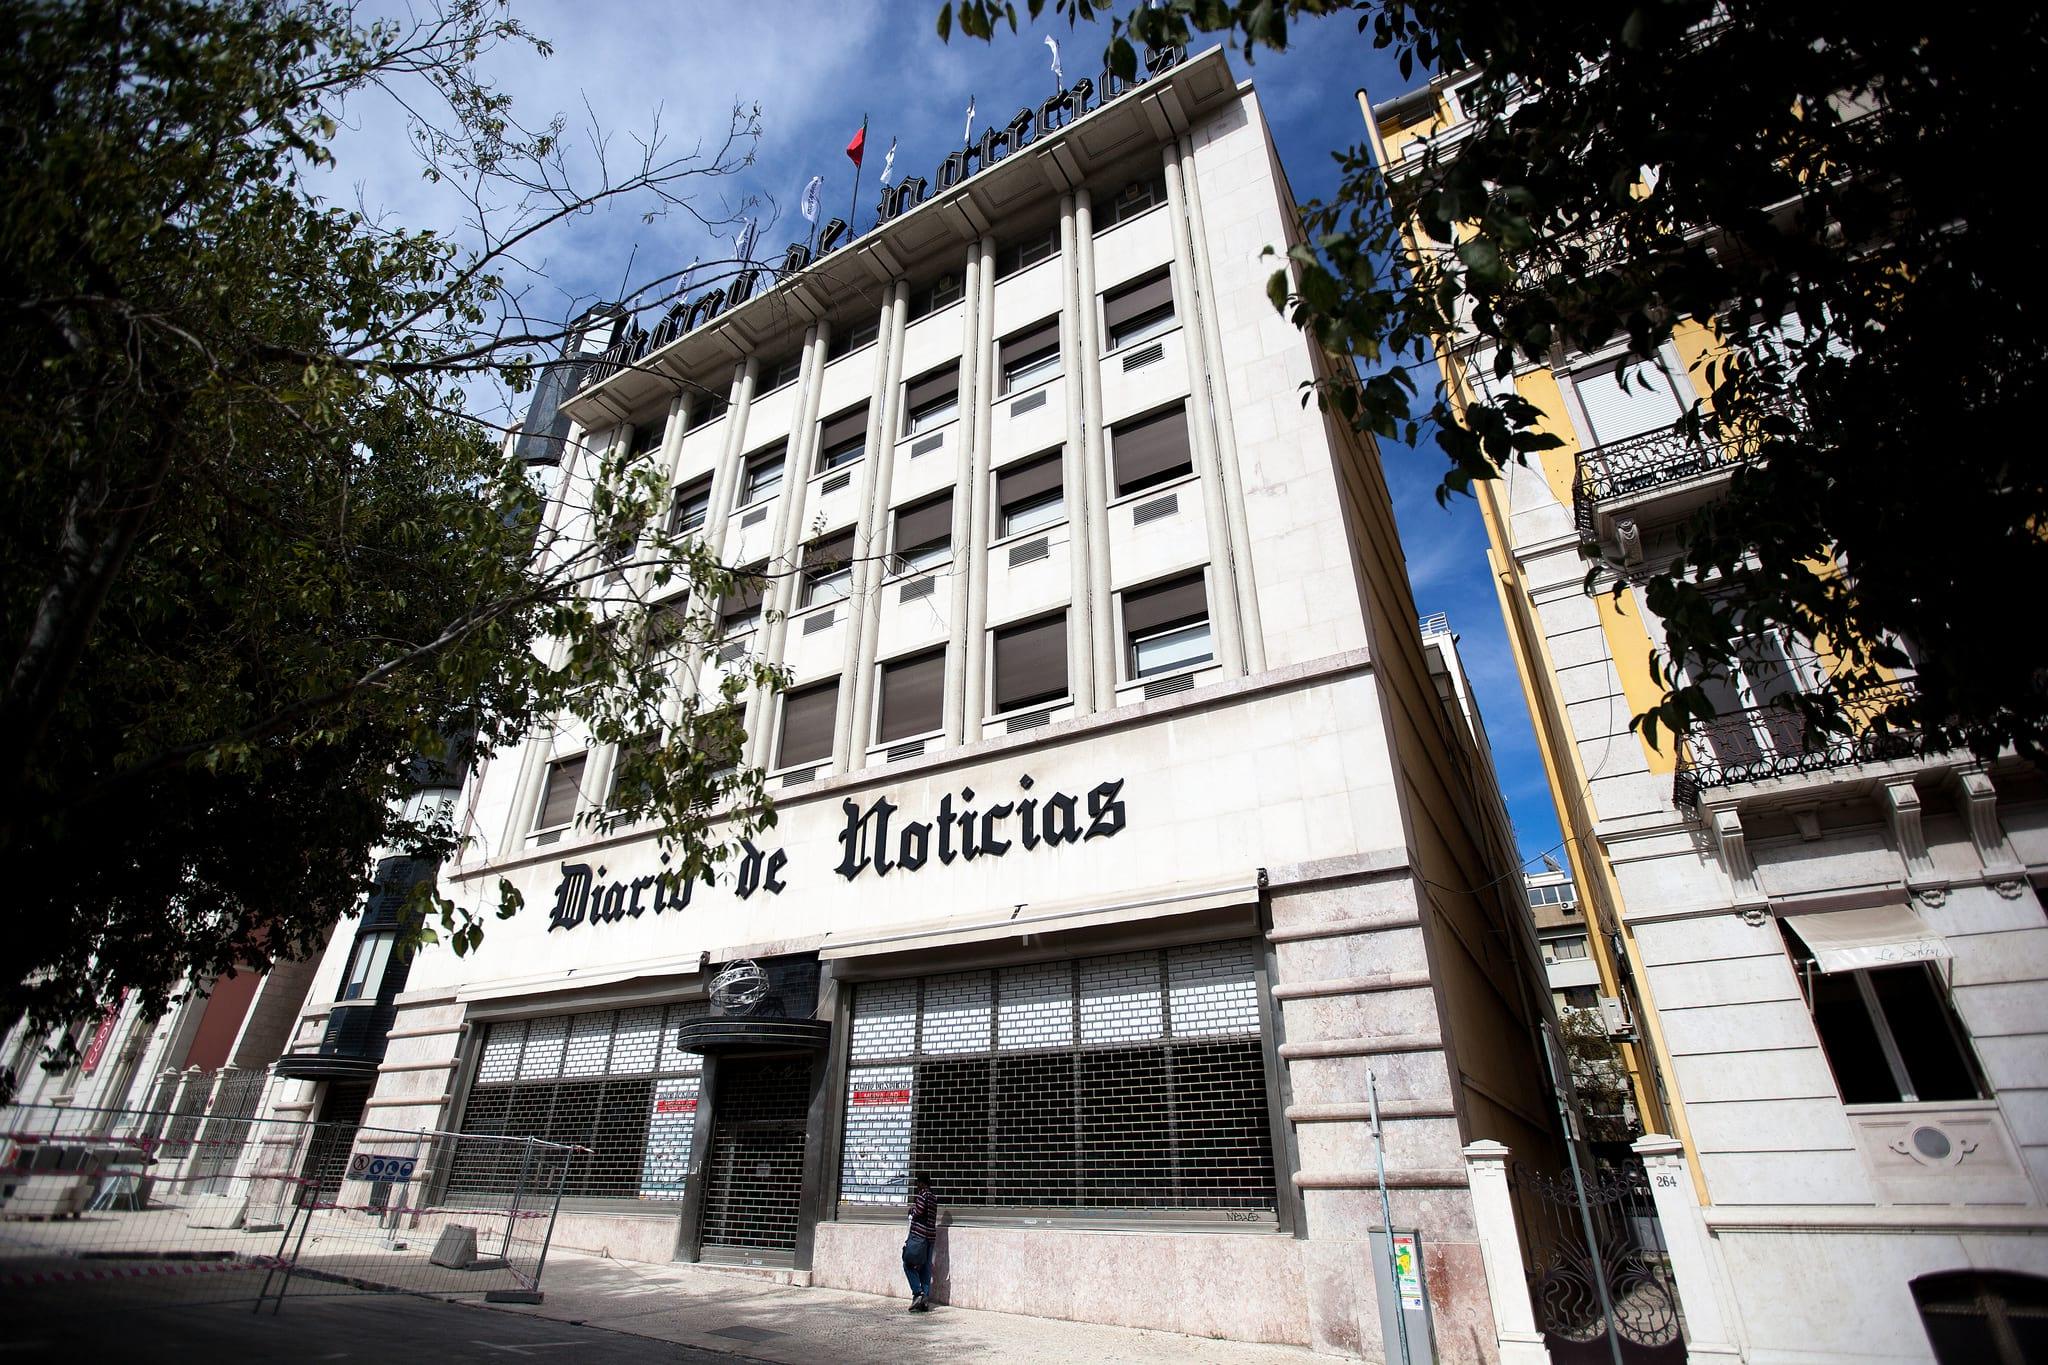 É preciso proteger o espólio da antiga sede do <i> Diário de Notícias</i>, diz movimento